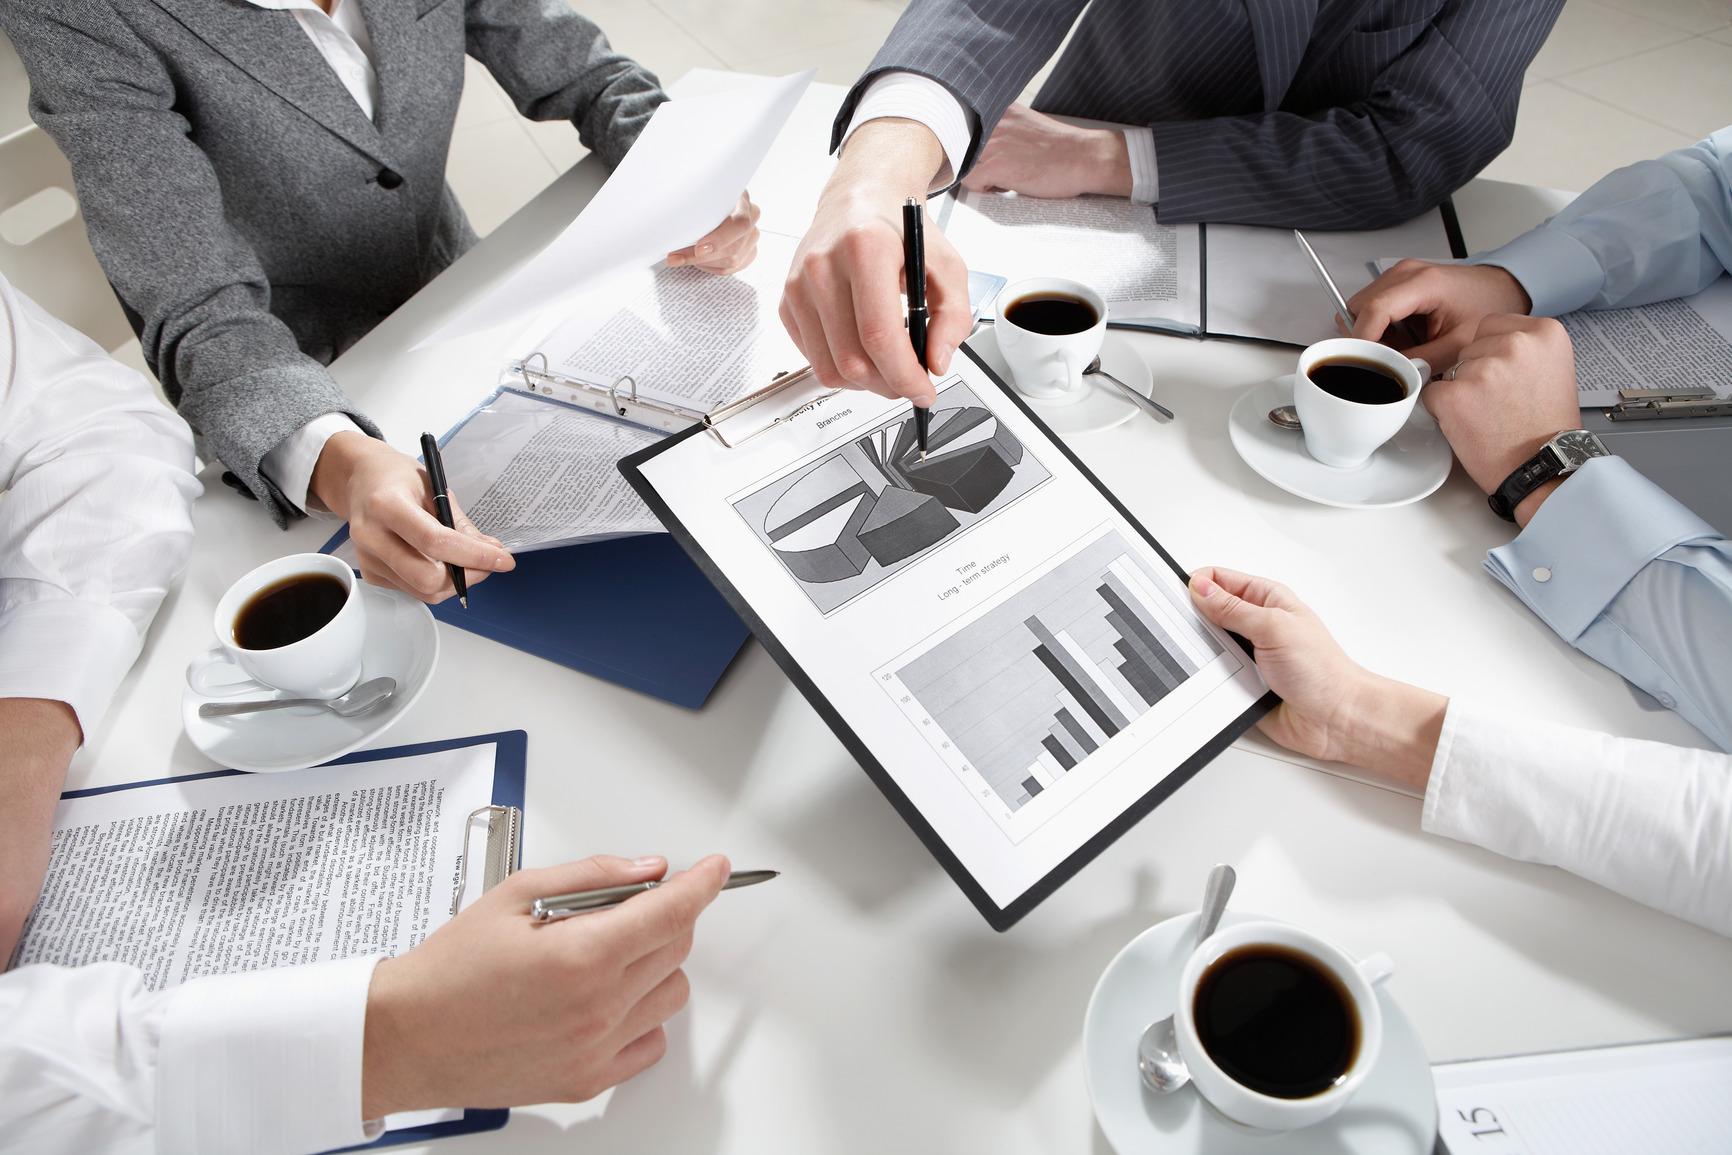 Бизнес план картинки высокого качества